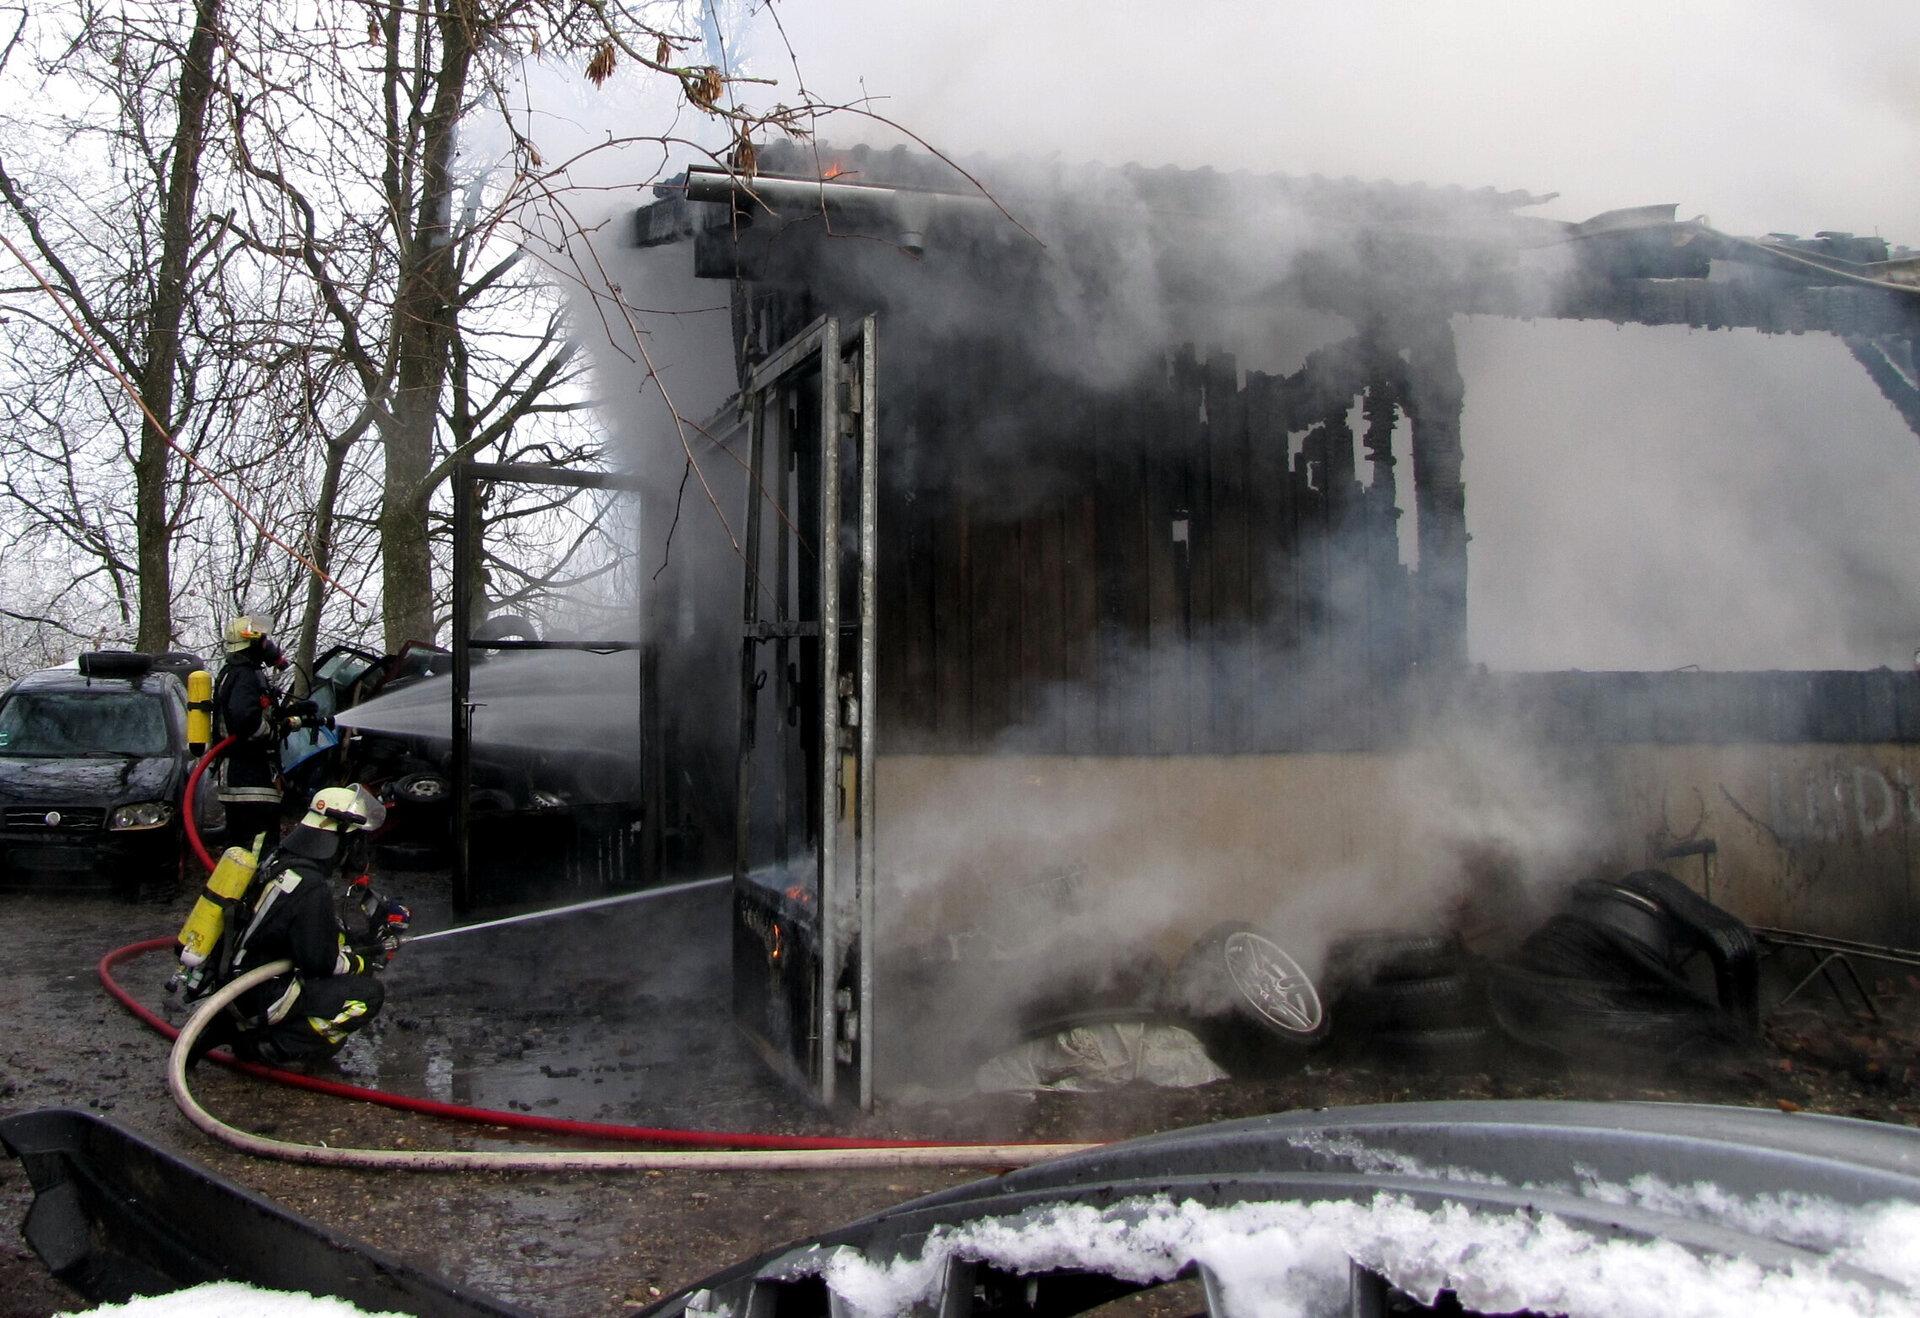 Löschangriff unter Atemschutz beim Brand einer Werkstatt 2016